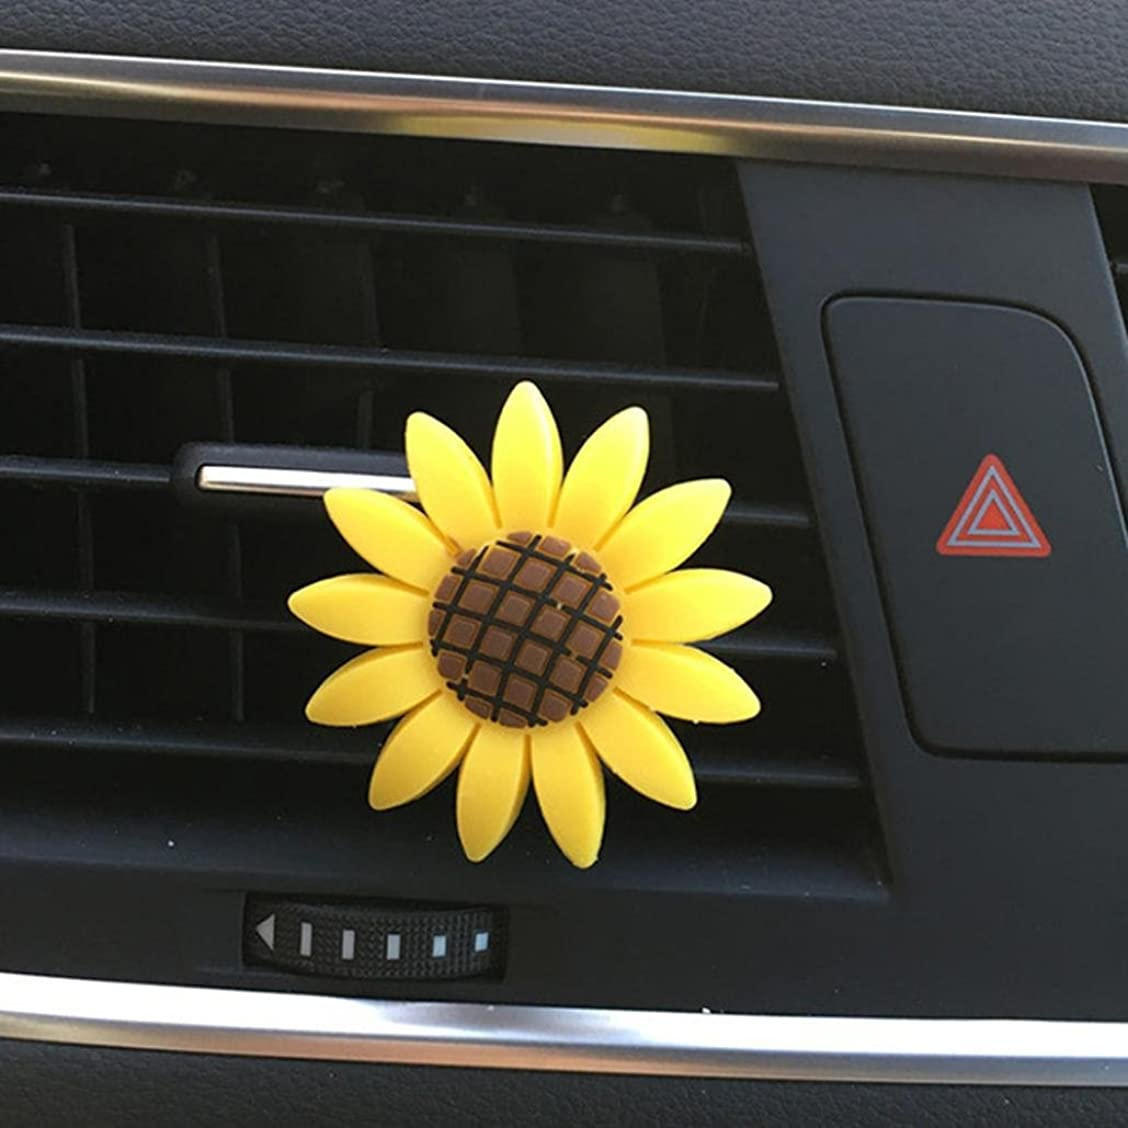 認知高層ビル先駆者ecosin車Incense MultifloraひまわりAirコンセントFragrant Perfumeクリップ消臭ディフューザー item size: (L * D) 1.6 * 1.1 cm / 0.63 * 0.43 inch イエロー